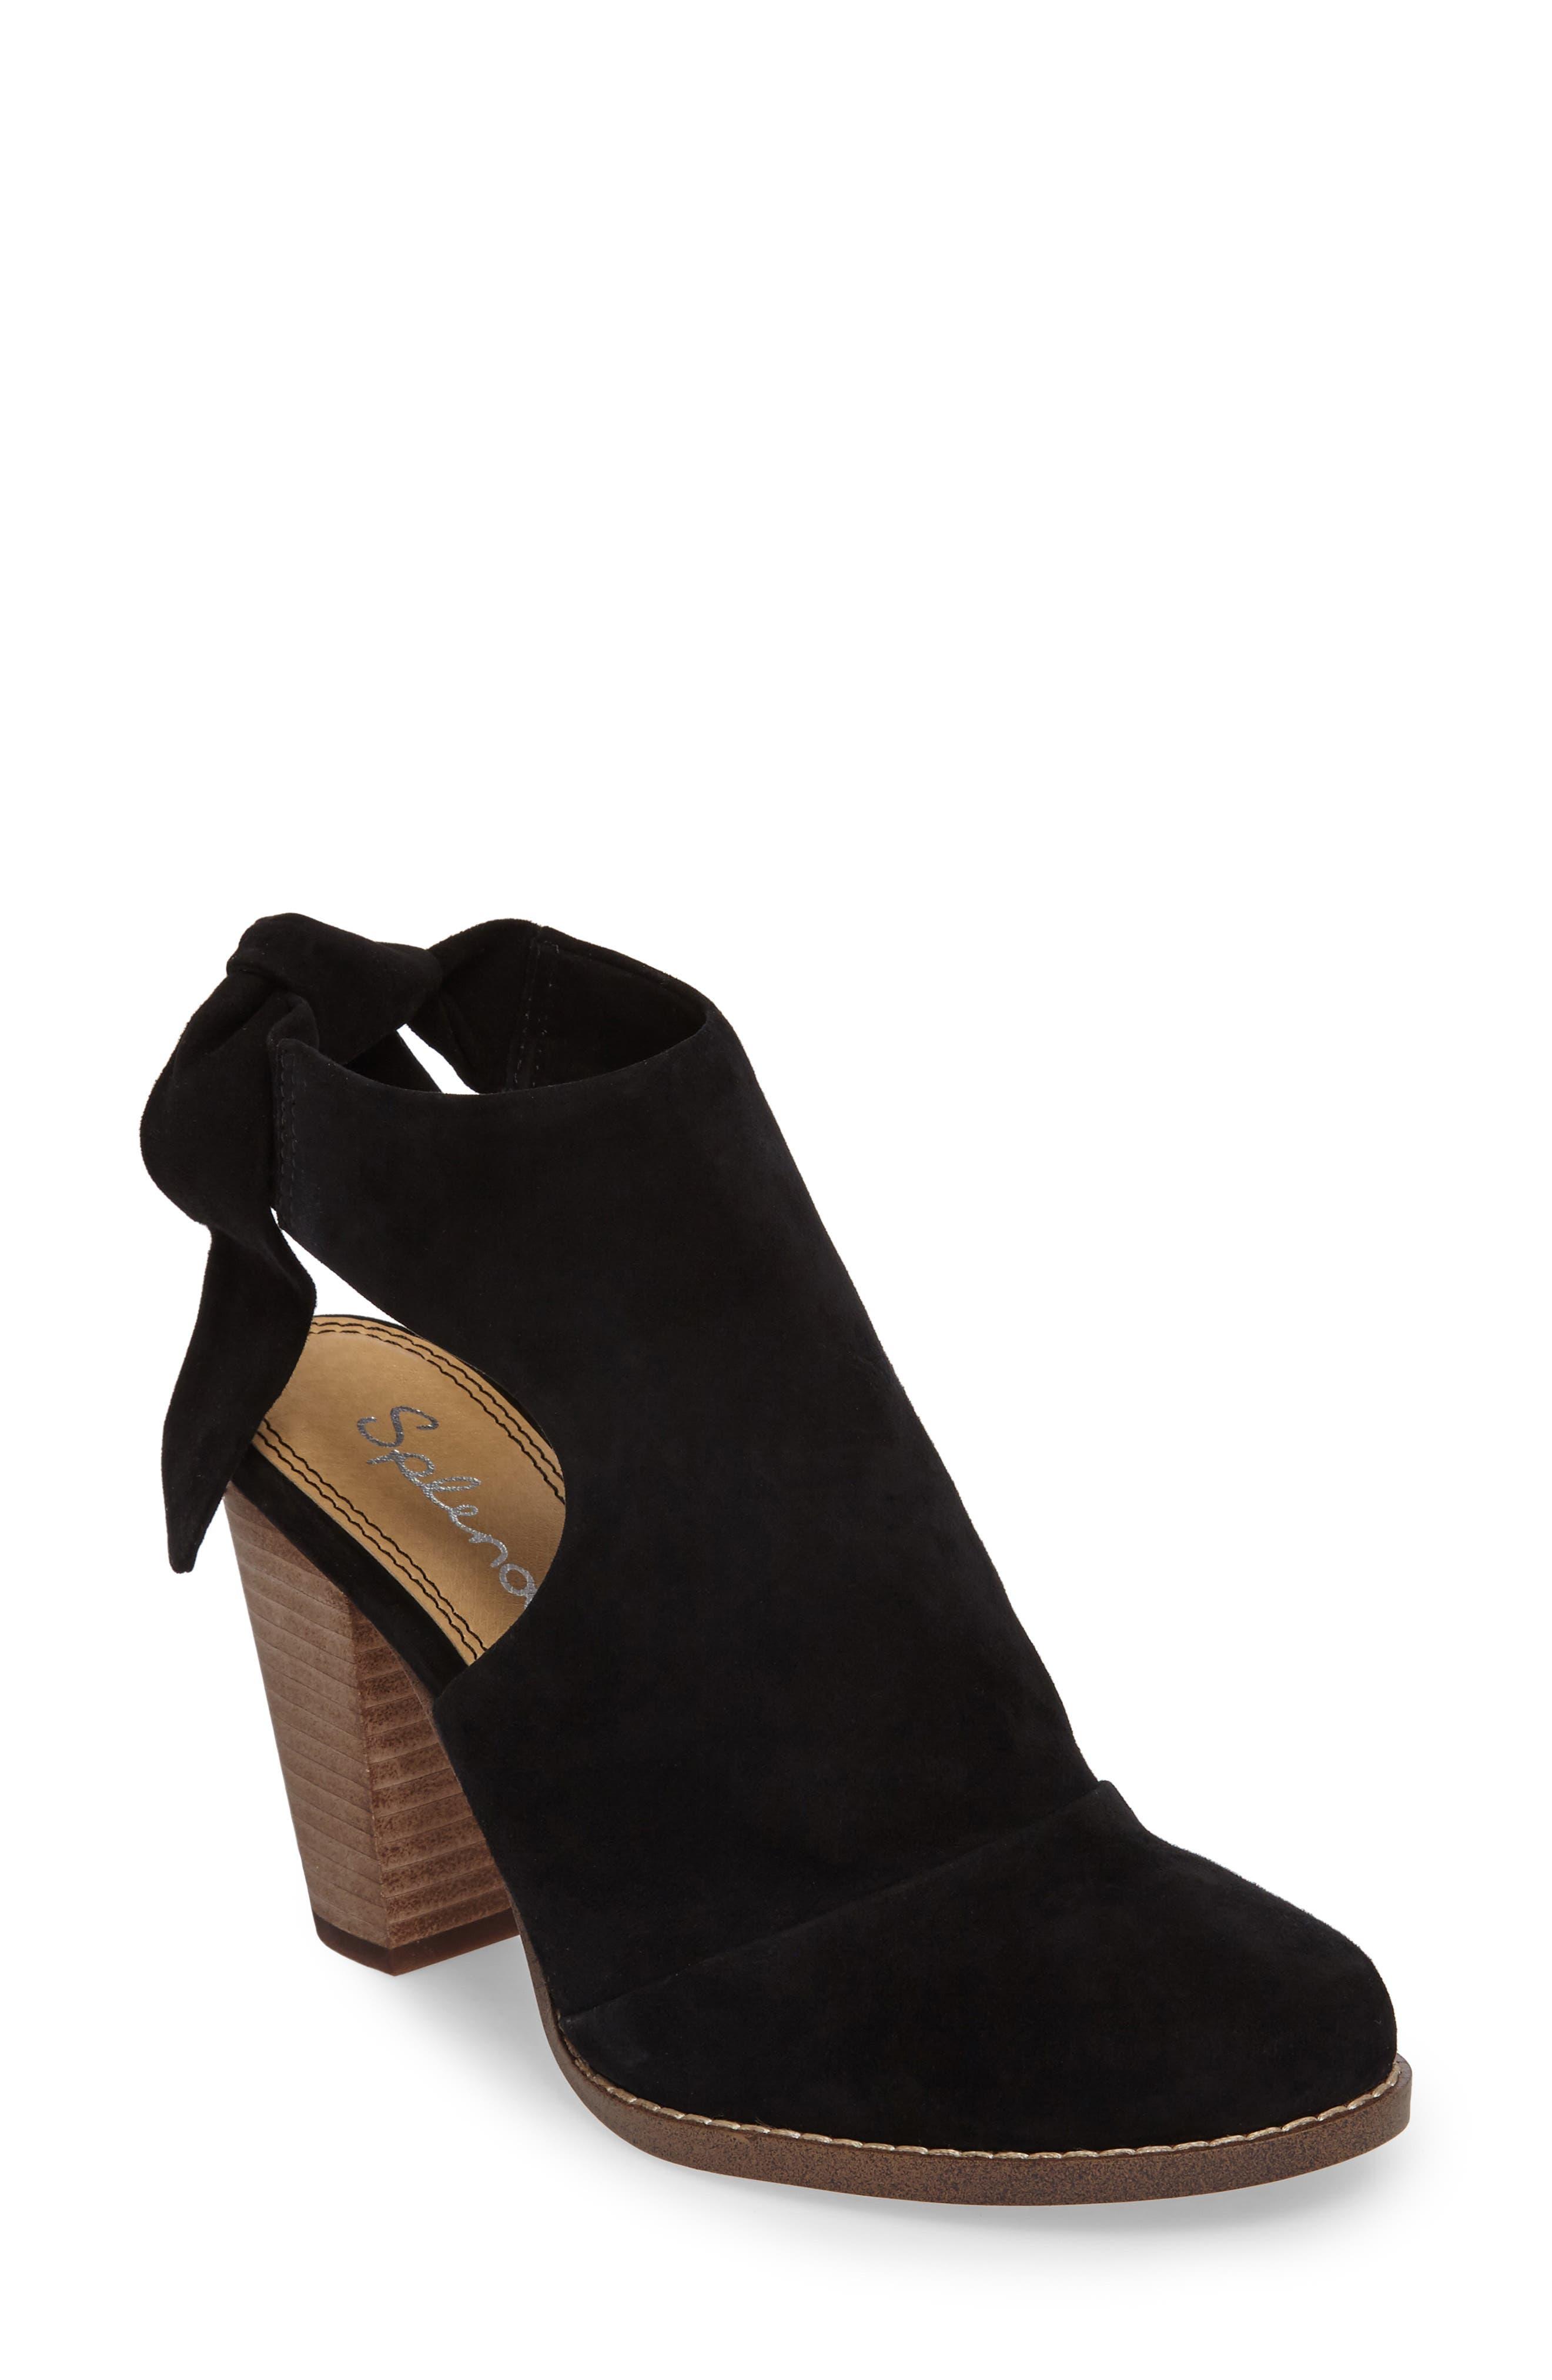 Danae Stacked Heel Bootie,                         Main,                         color,